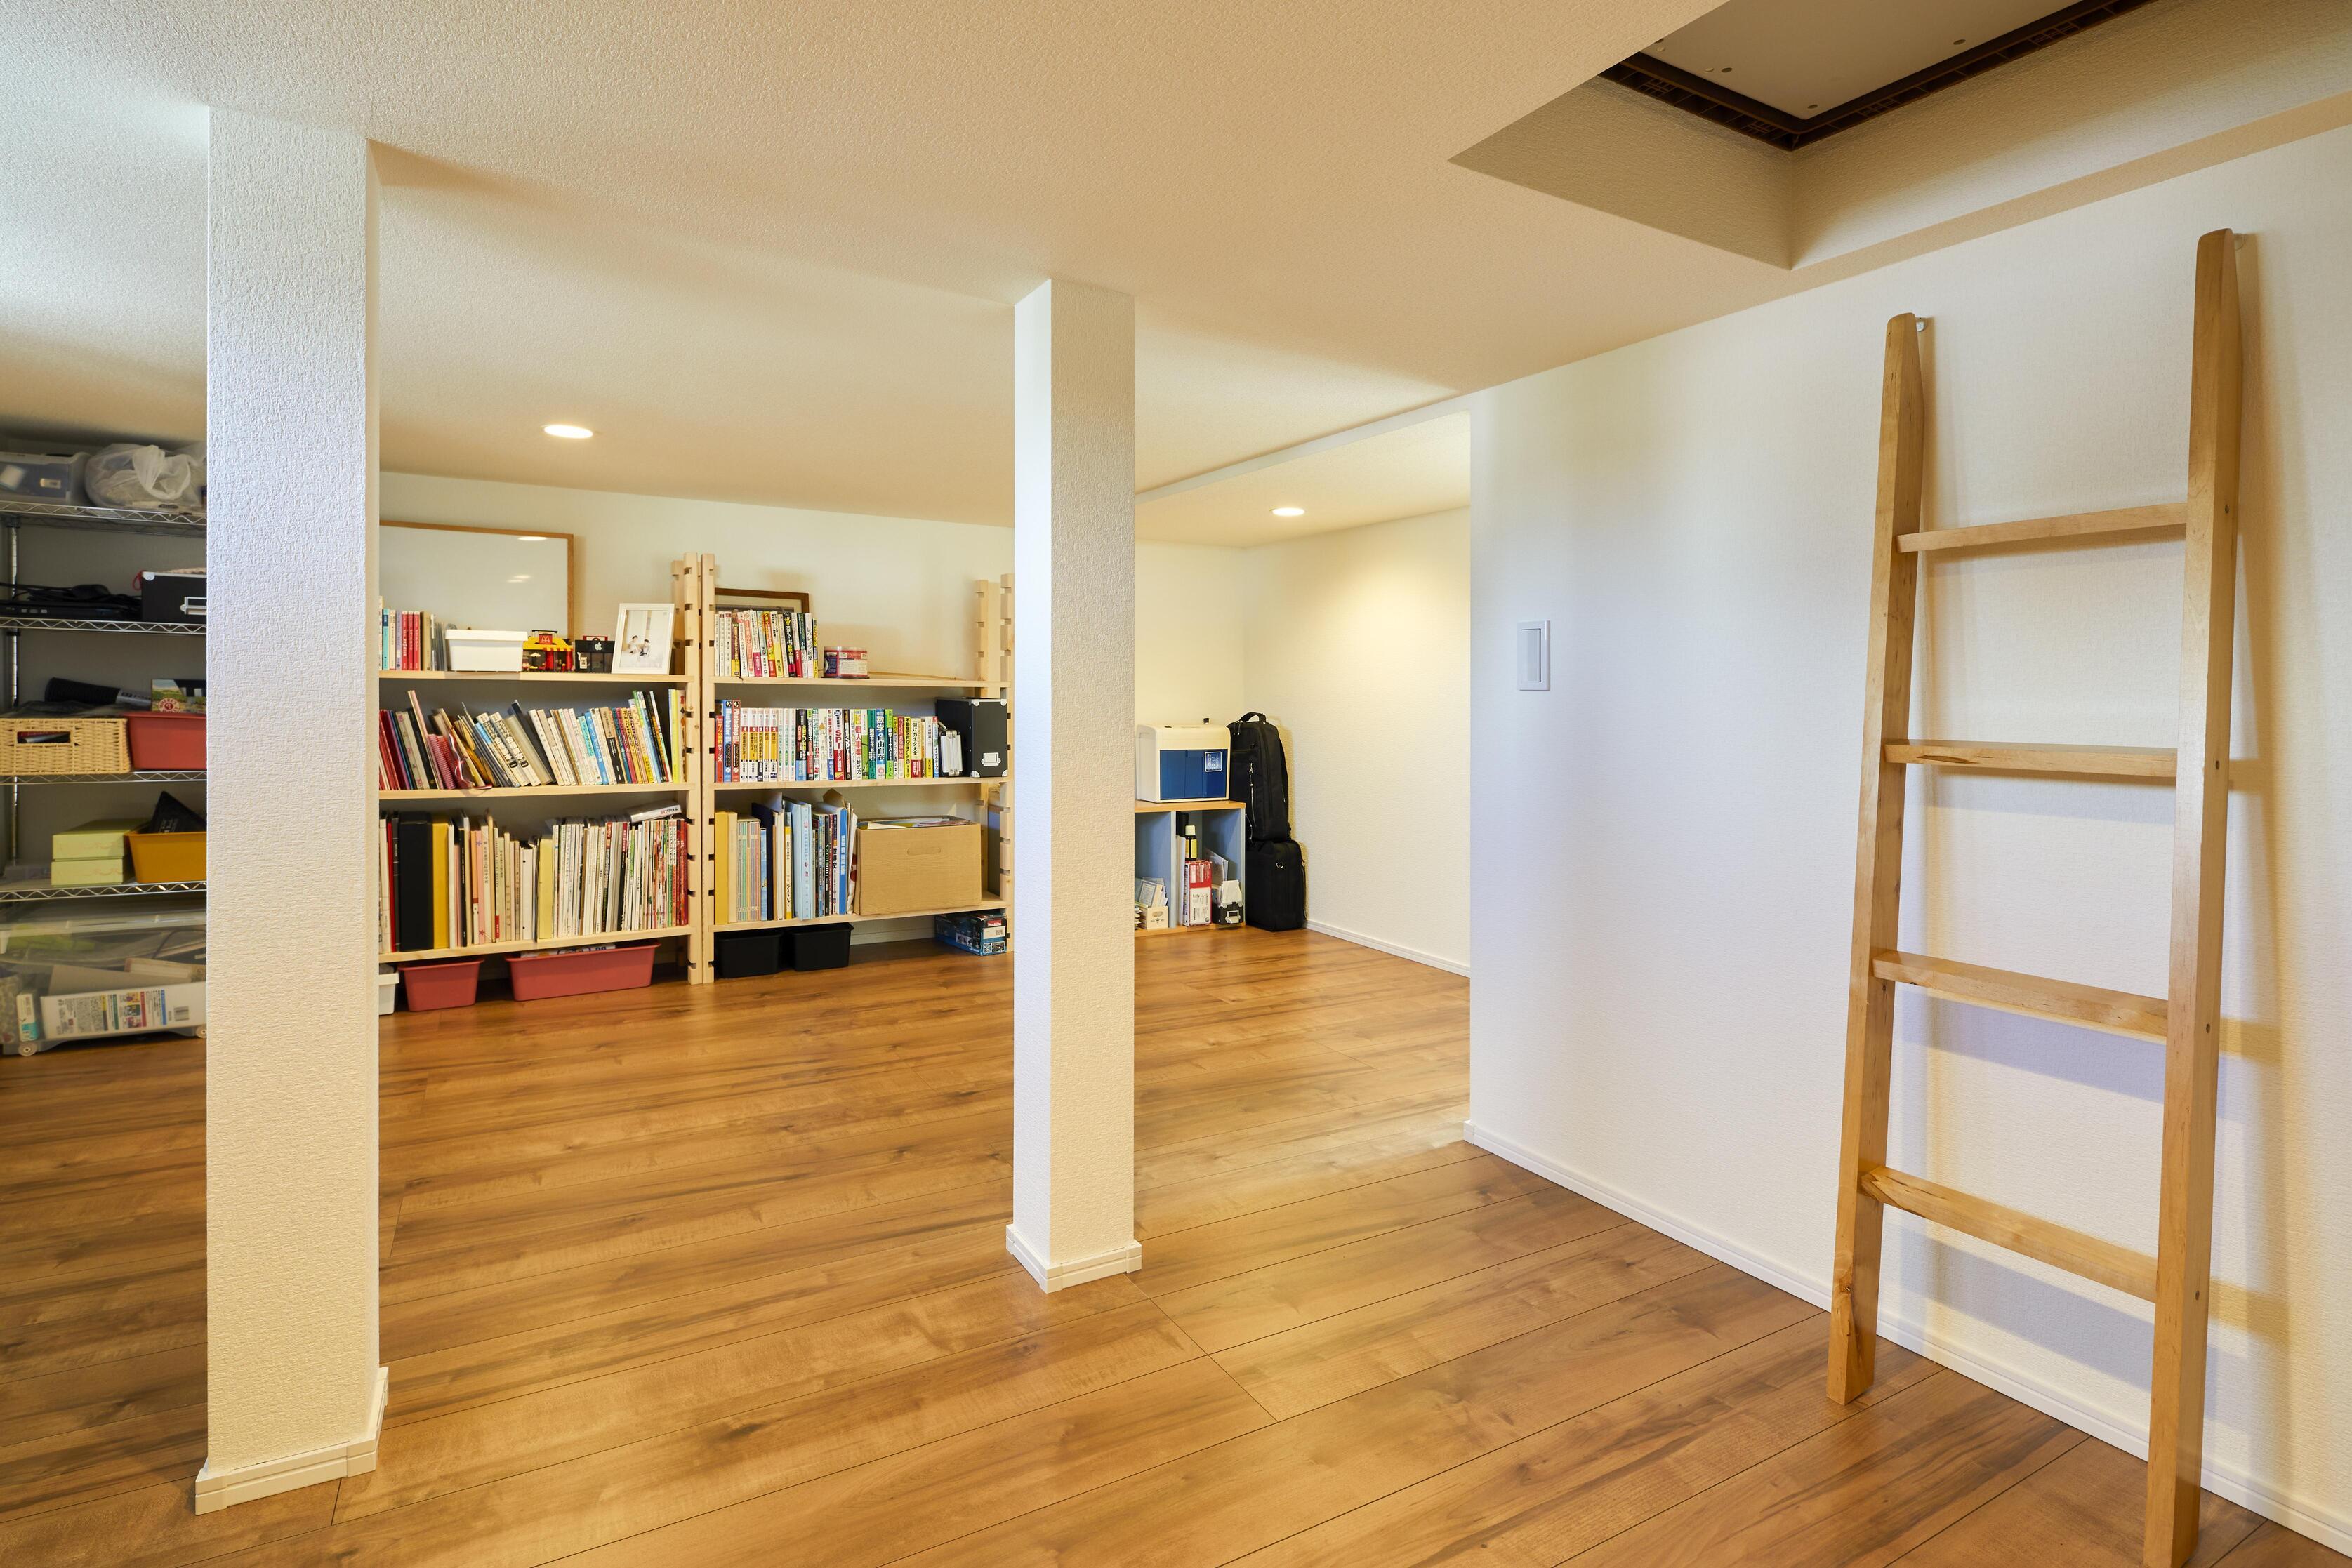 中3階を設計したことで生まれたスペースを小屋下収納として活用。中三階からつながら梯子もあり遊び心を感じられる